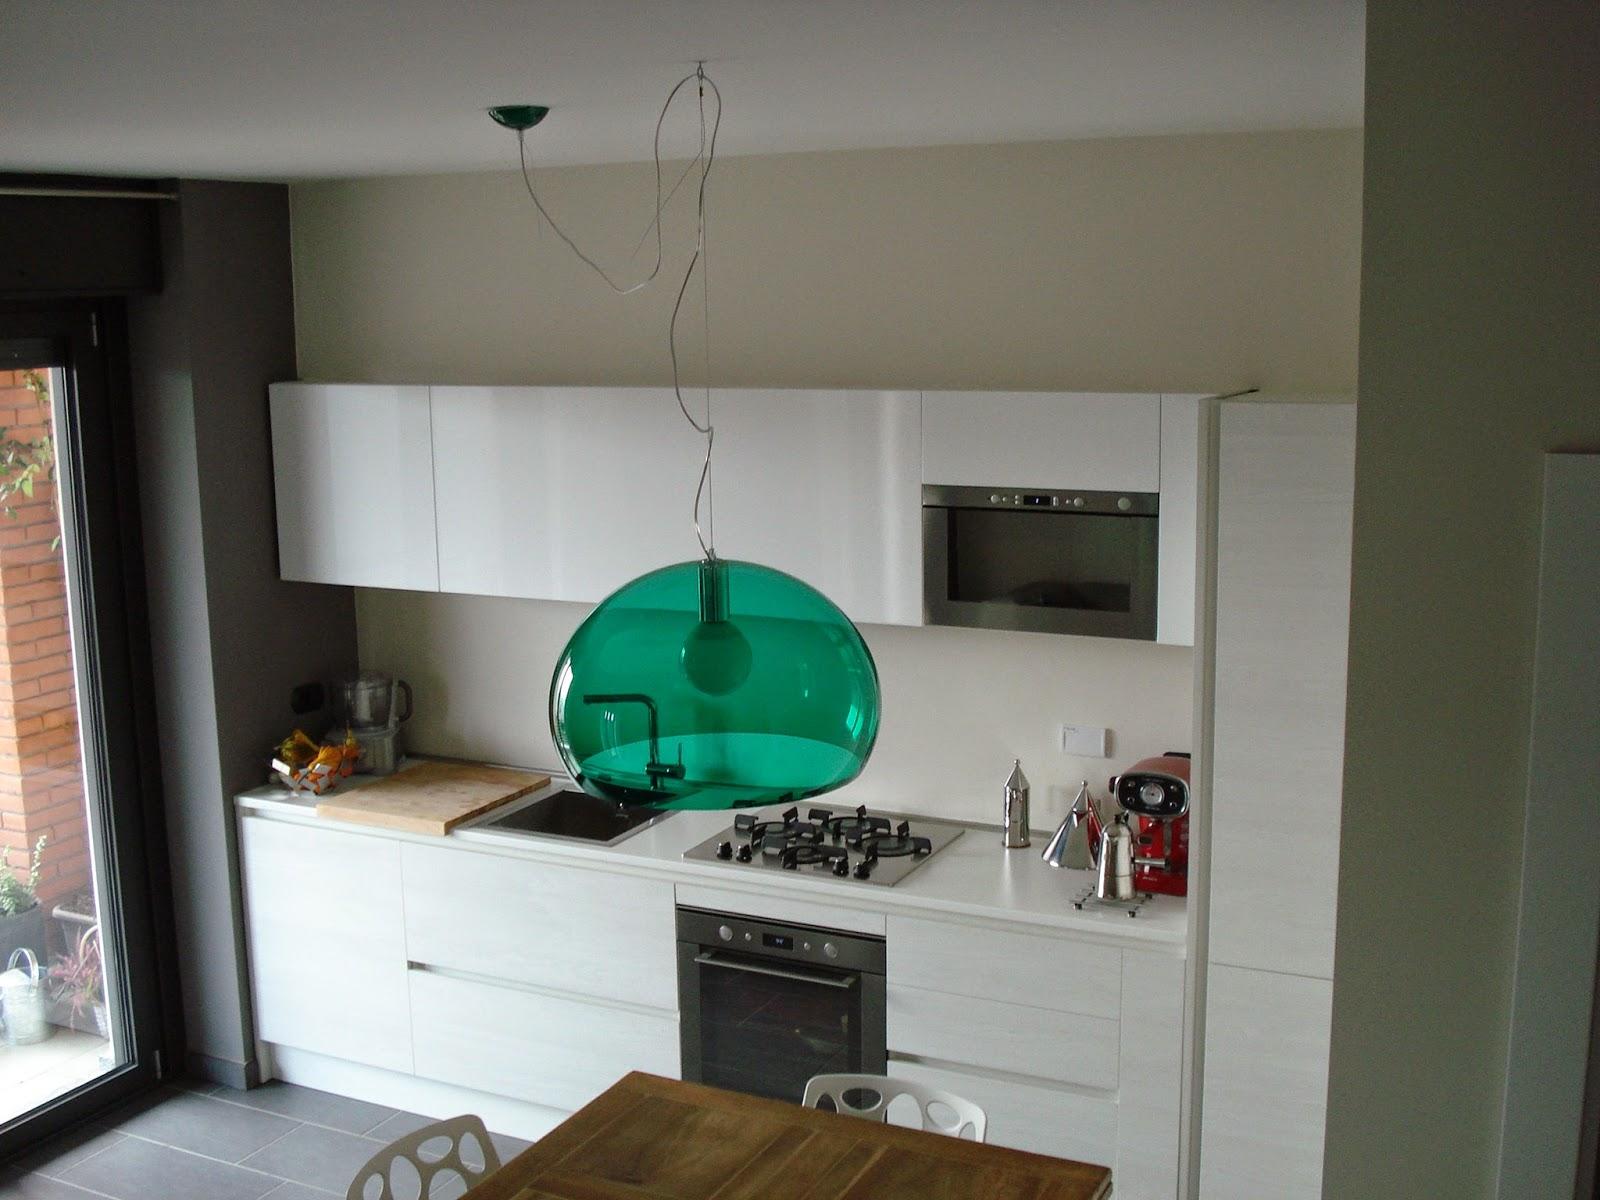 LOFT abitare: Semplicità e funzionalità